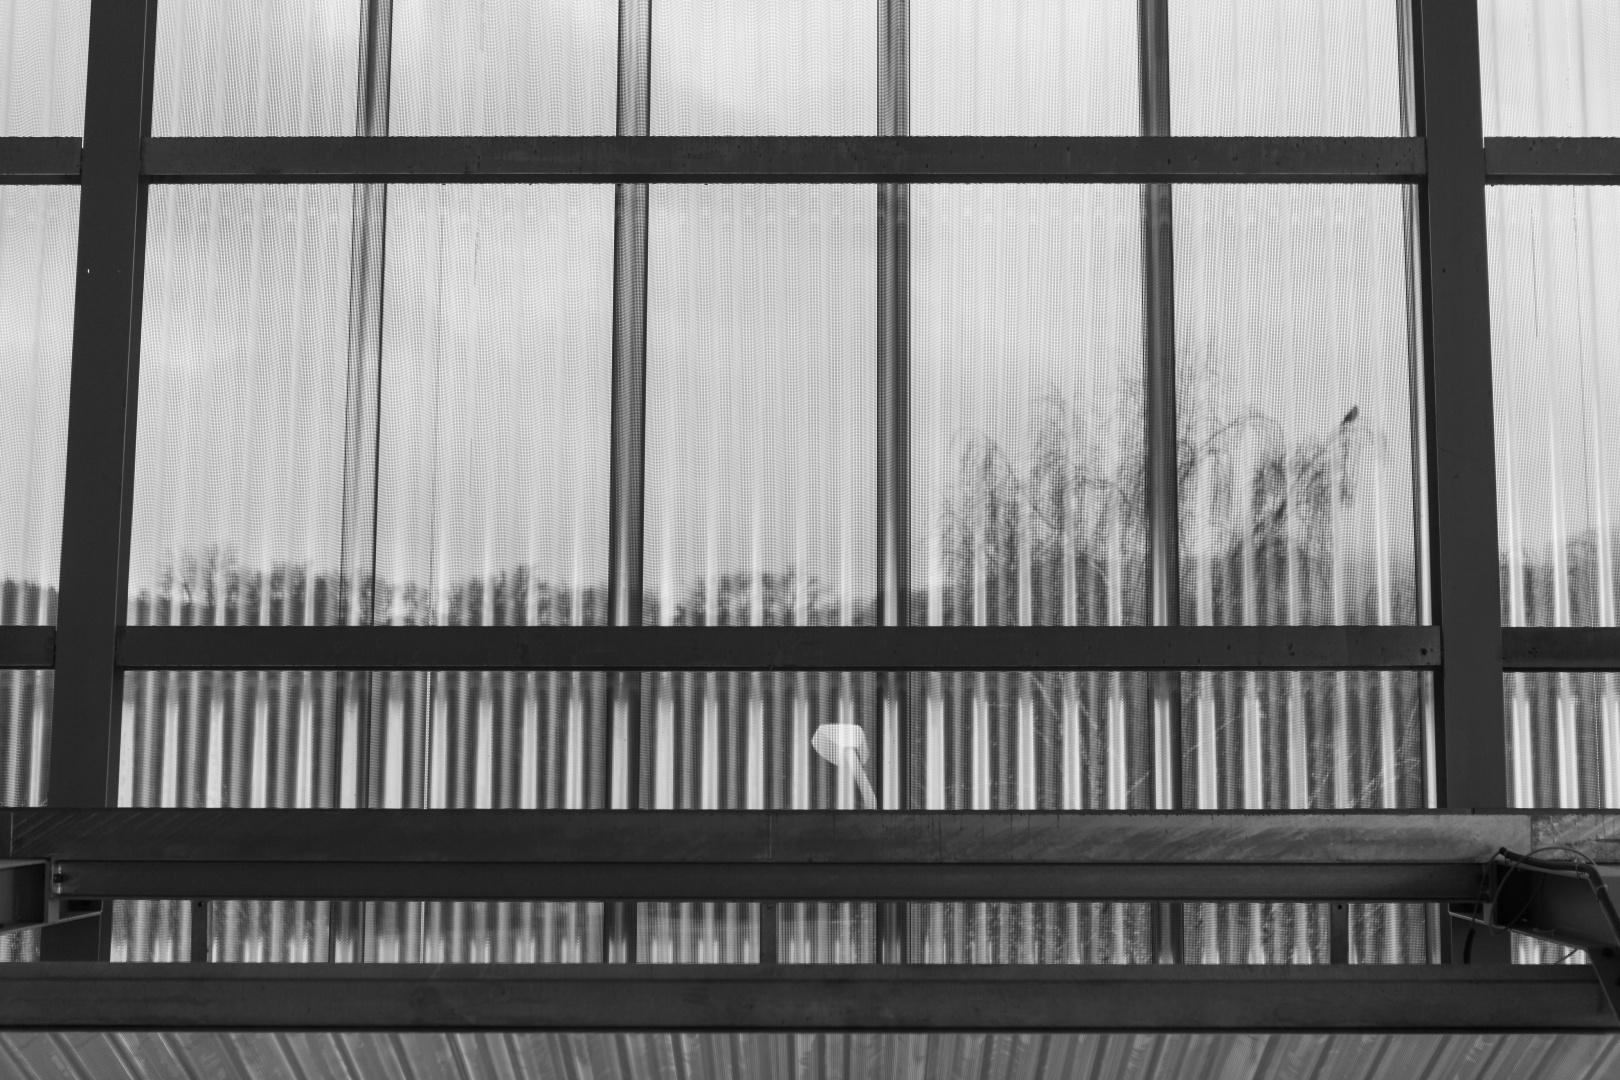 Raumhaltiges Vordach mit Lochblechverkleidung © Giorgia Müller, vfg photographer